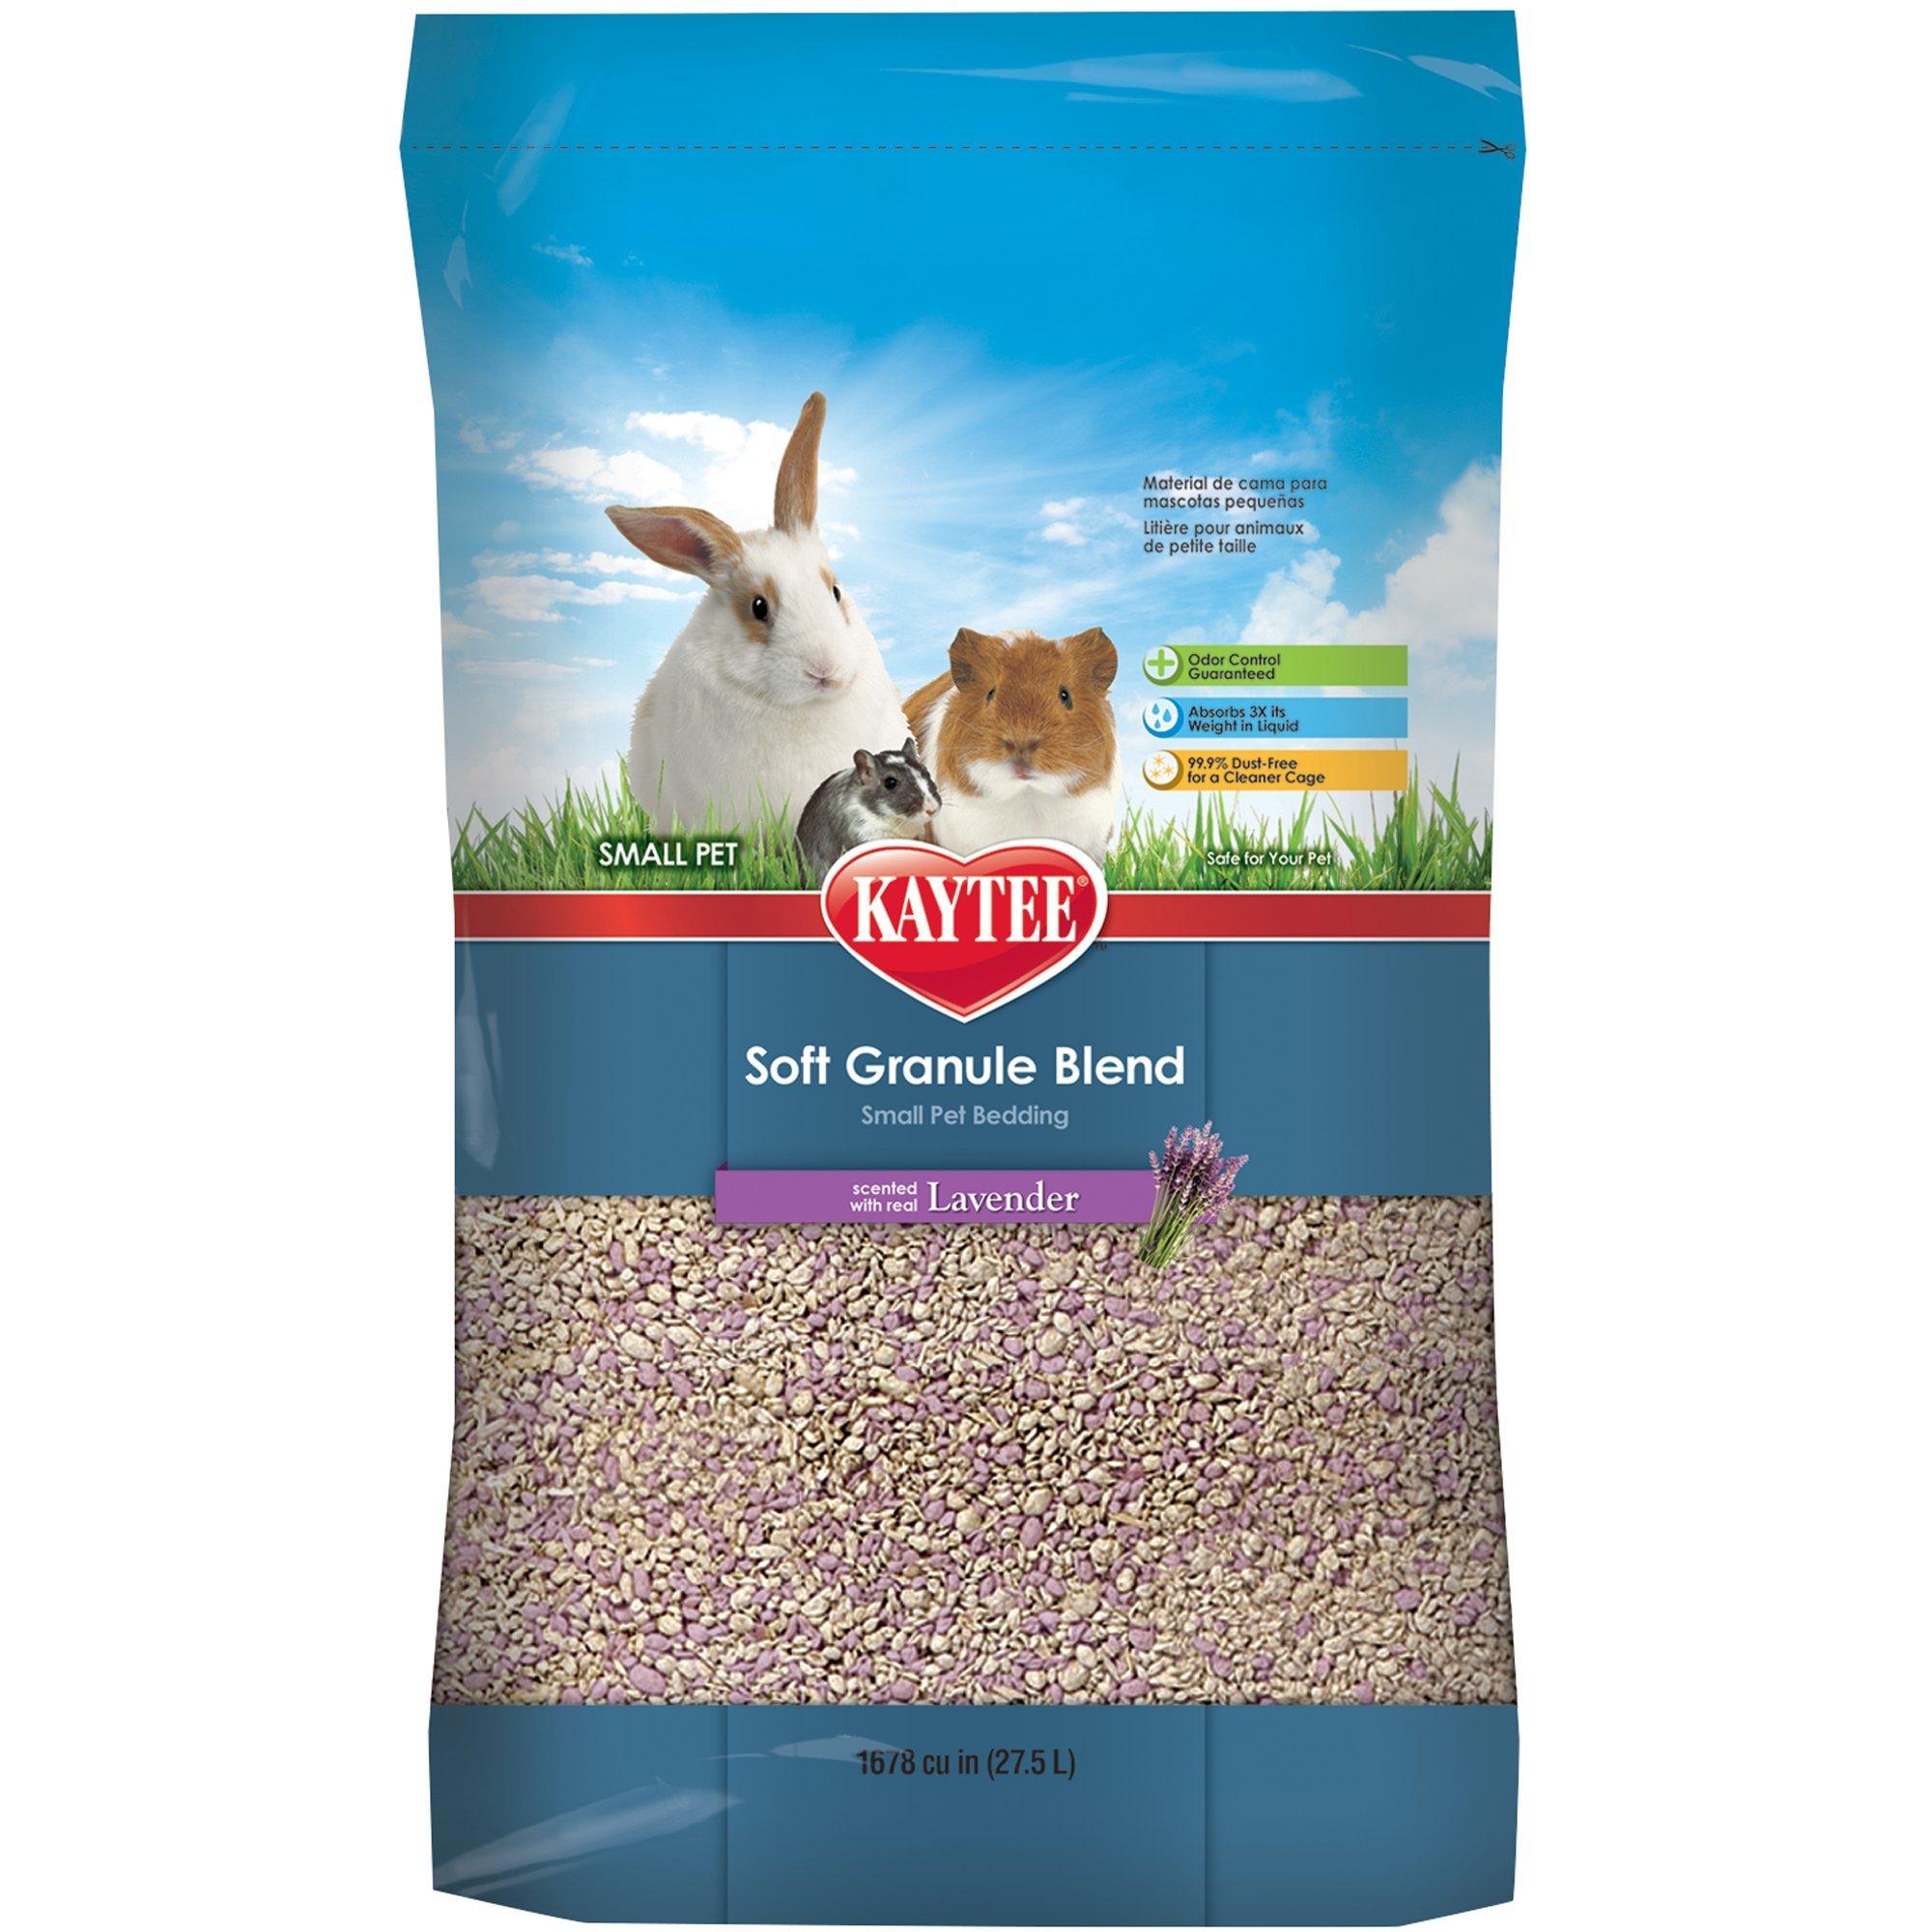 Kaytee Soft Granule Blend Lavender Bedding for Pet Cages, 27.5 Liter